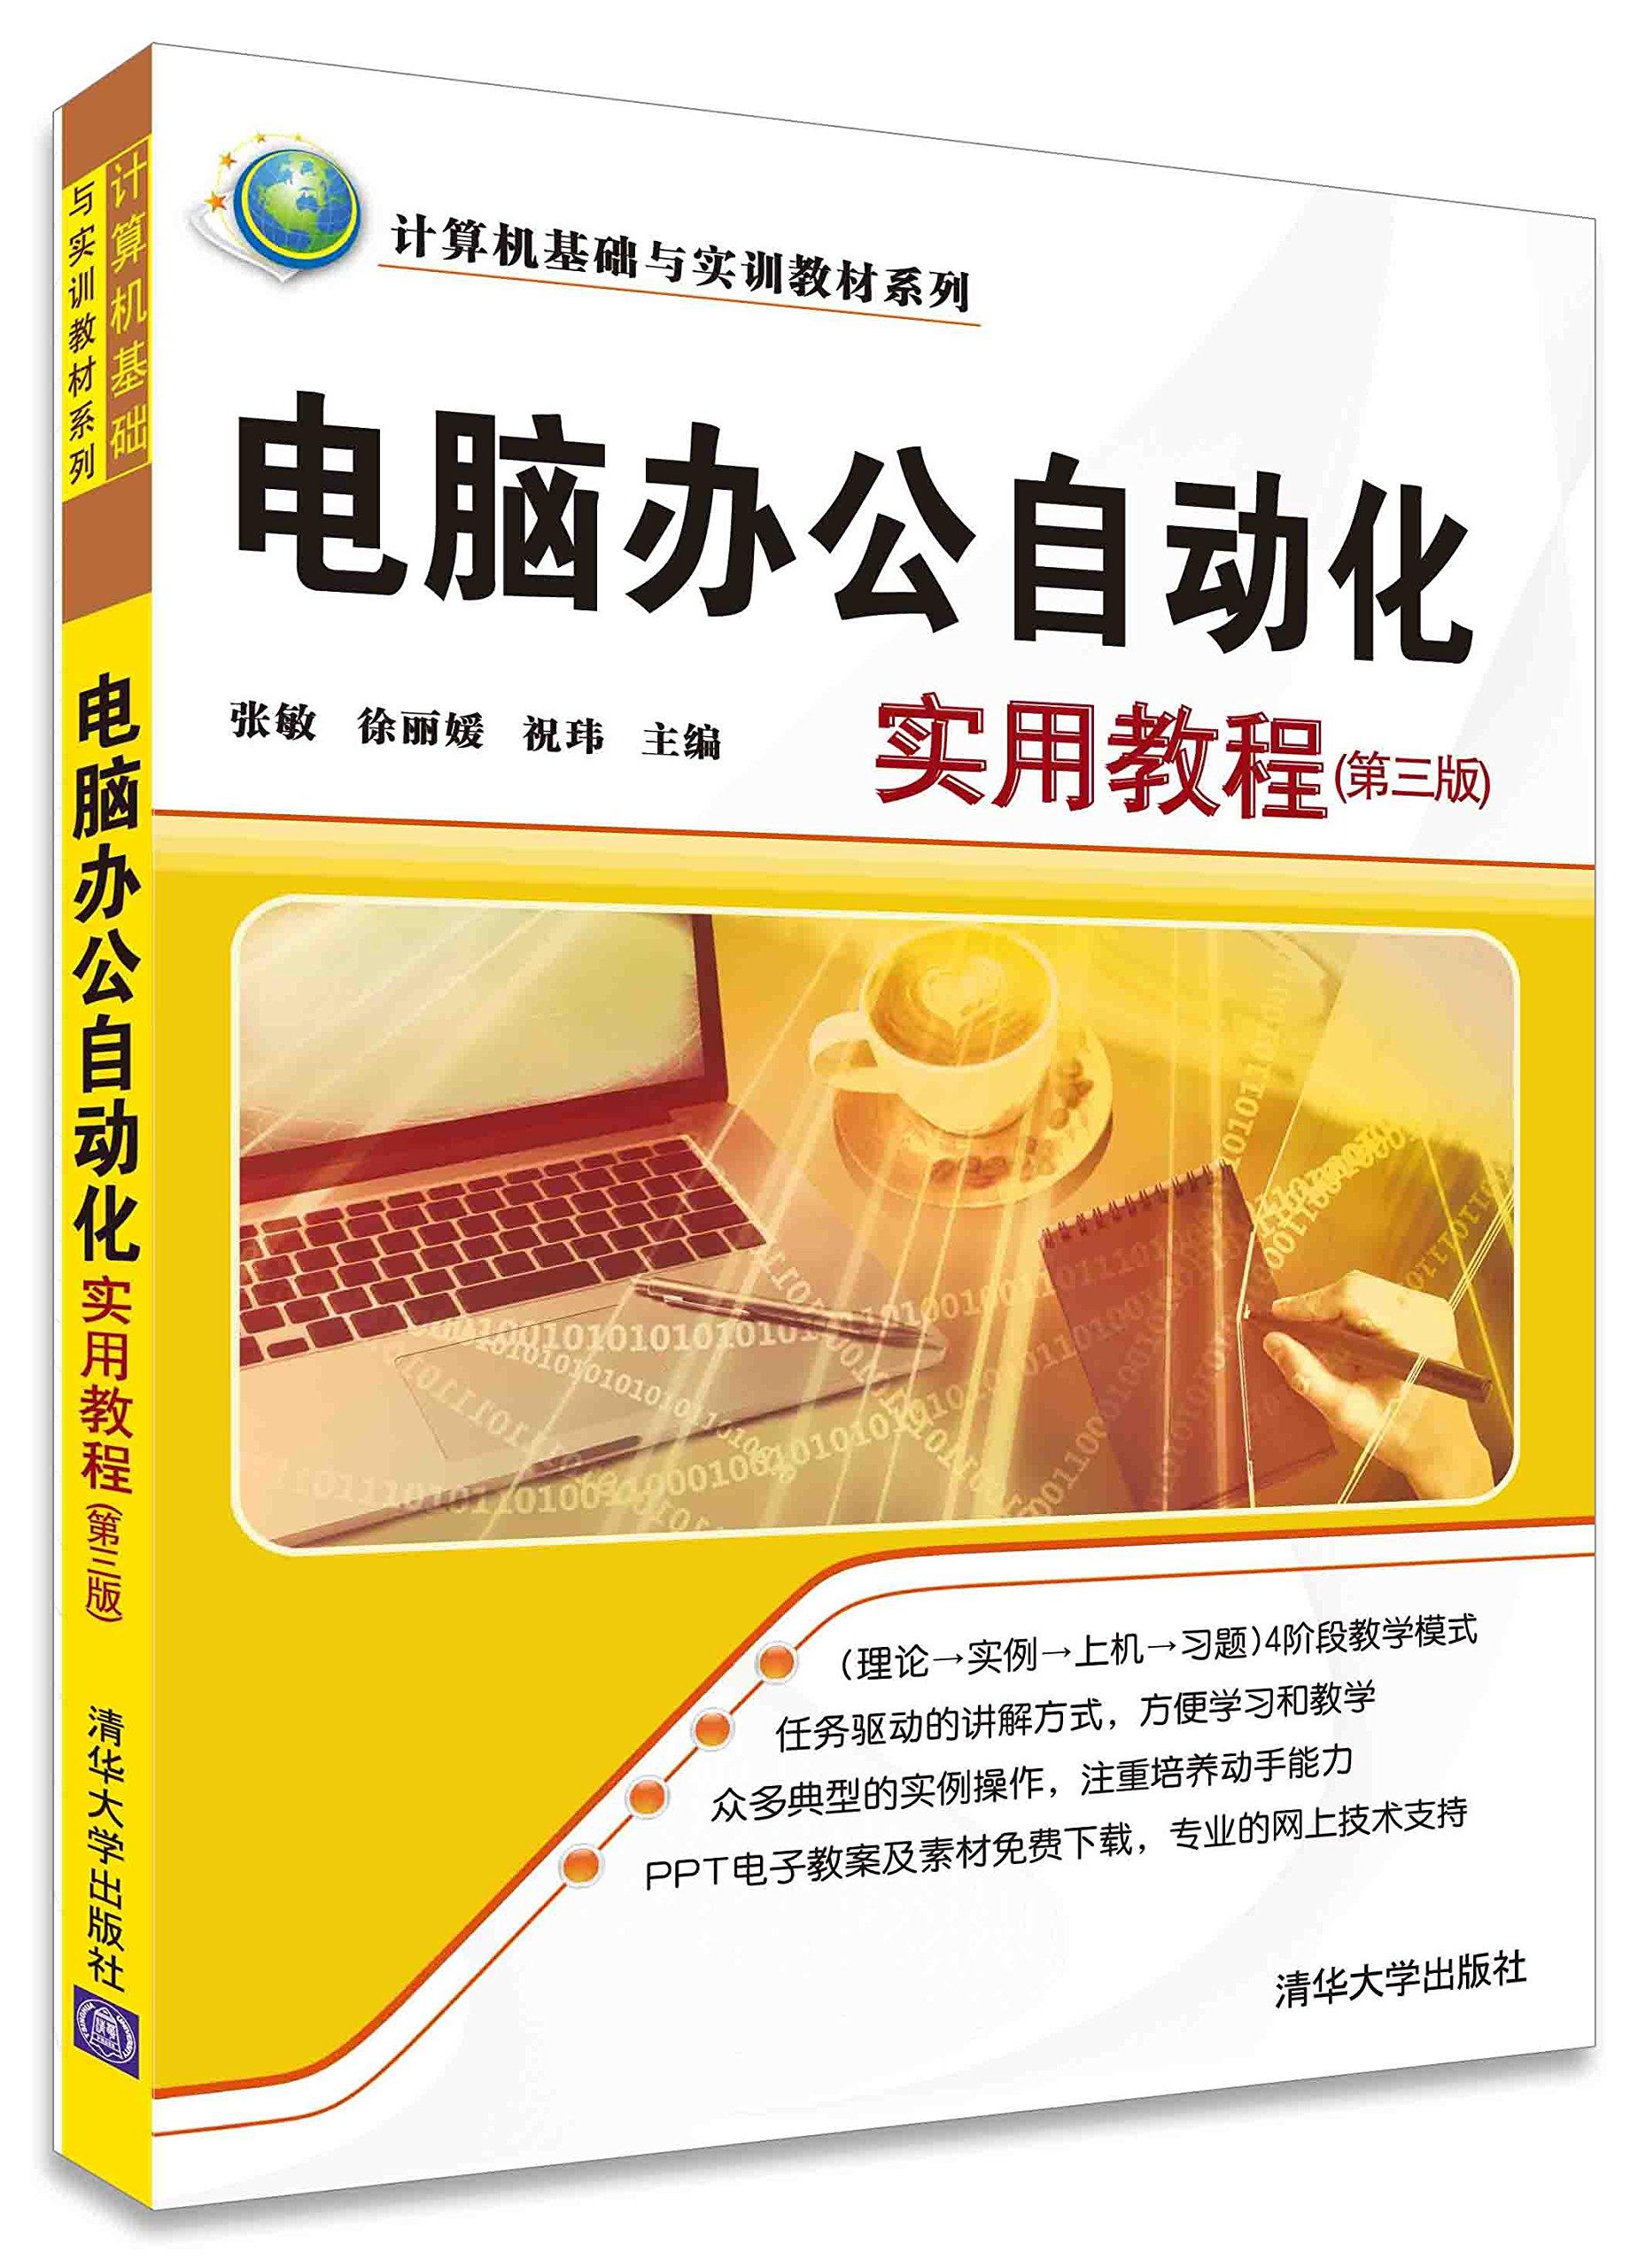 计算机基础与实训教材系列:电脑办公自动化实用教程(第3版)